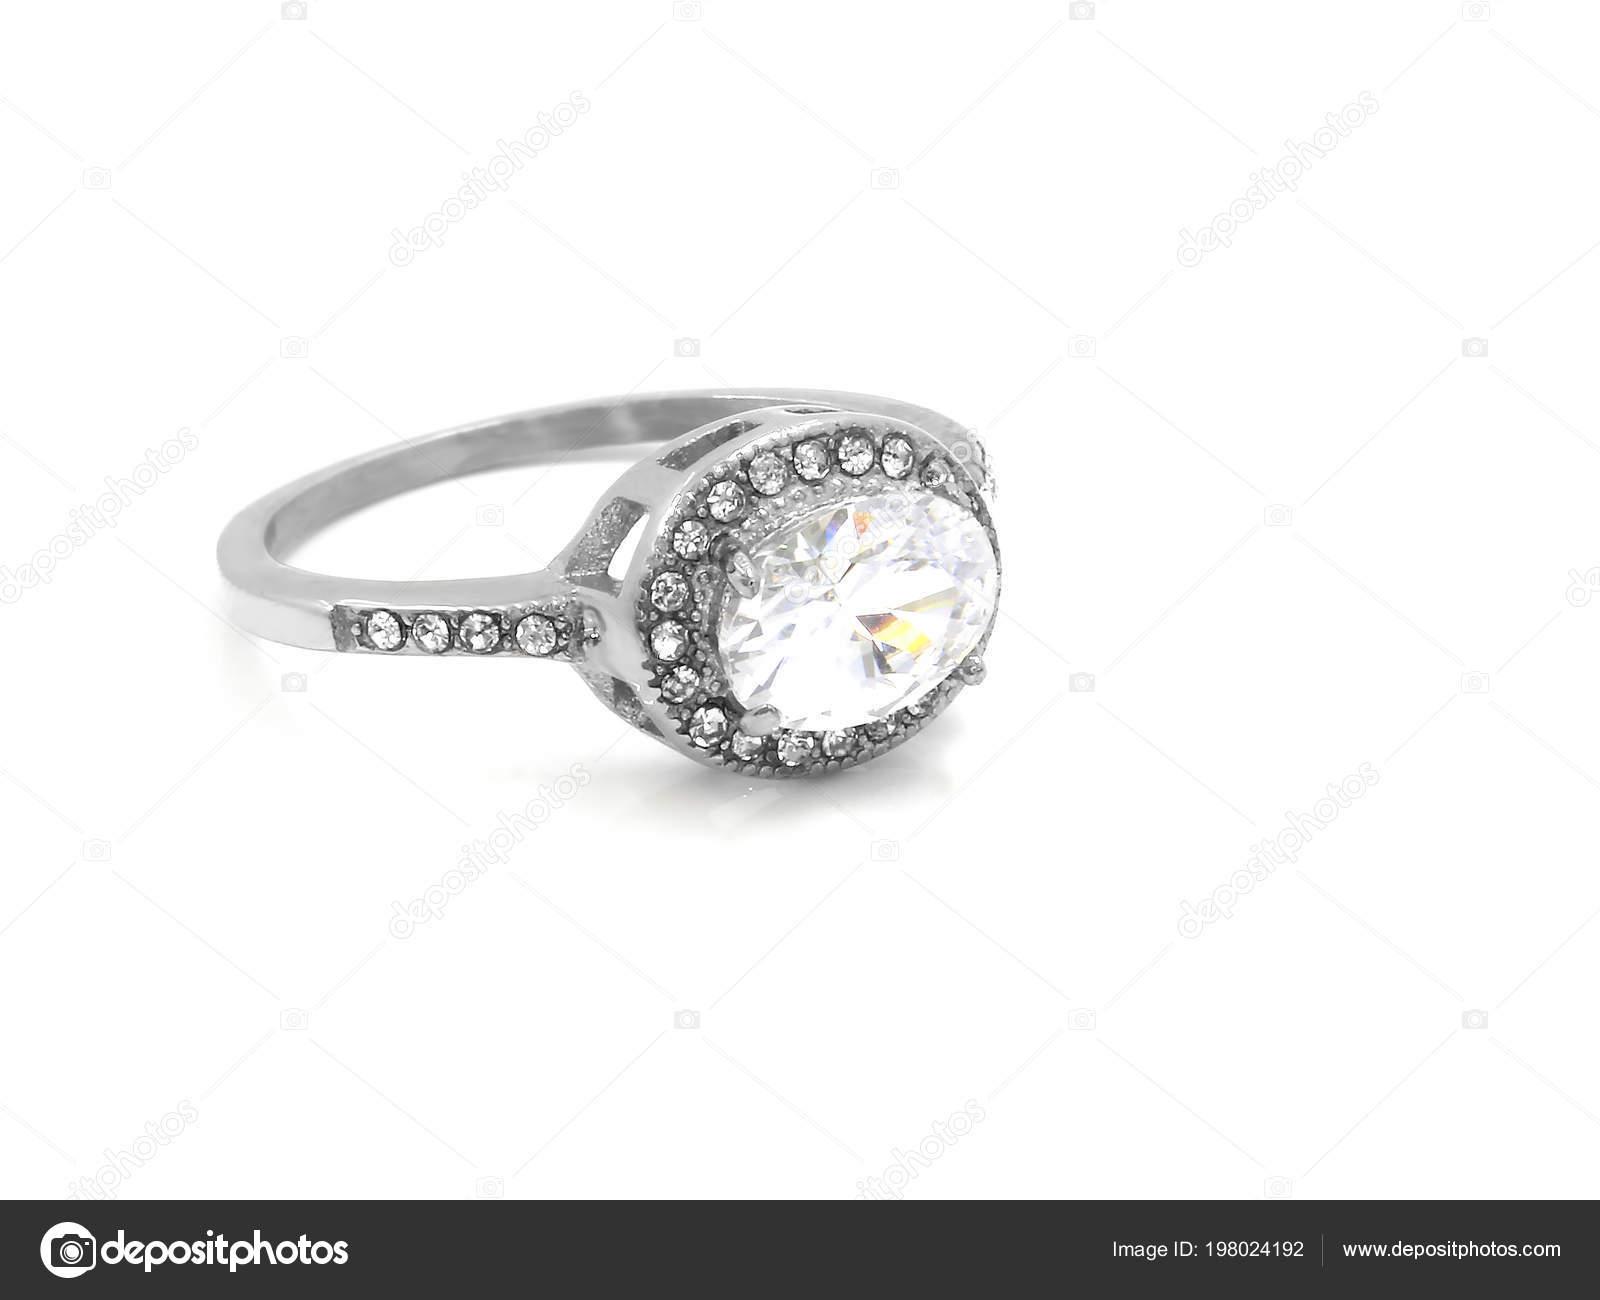 Damen Verlobungsring Edelstahl Mit Zirkonen Einfarbiger Hintergrund